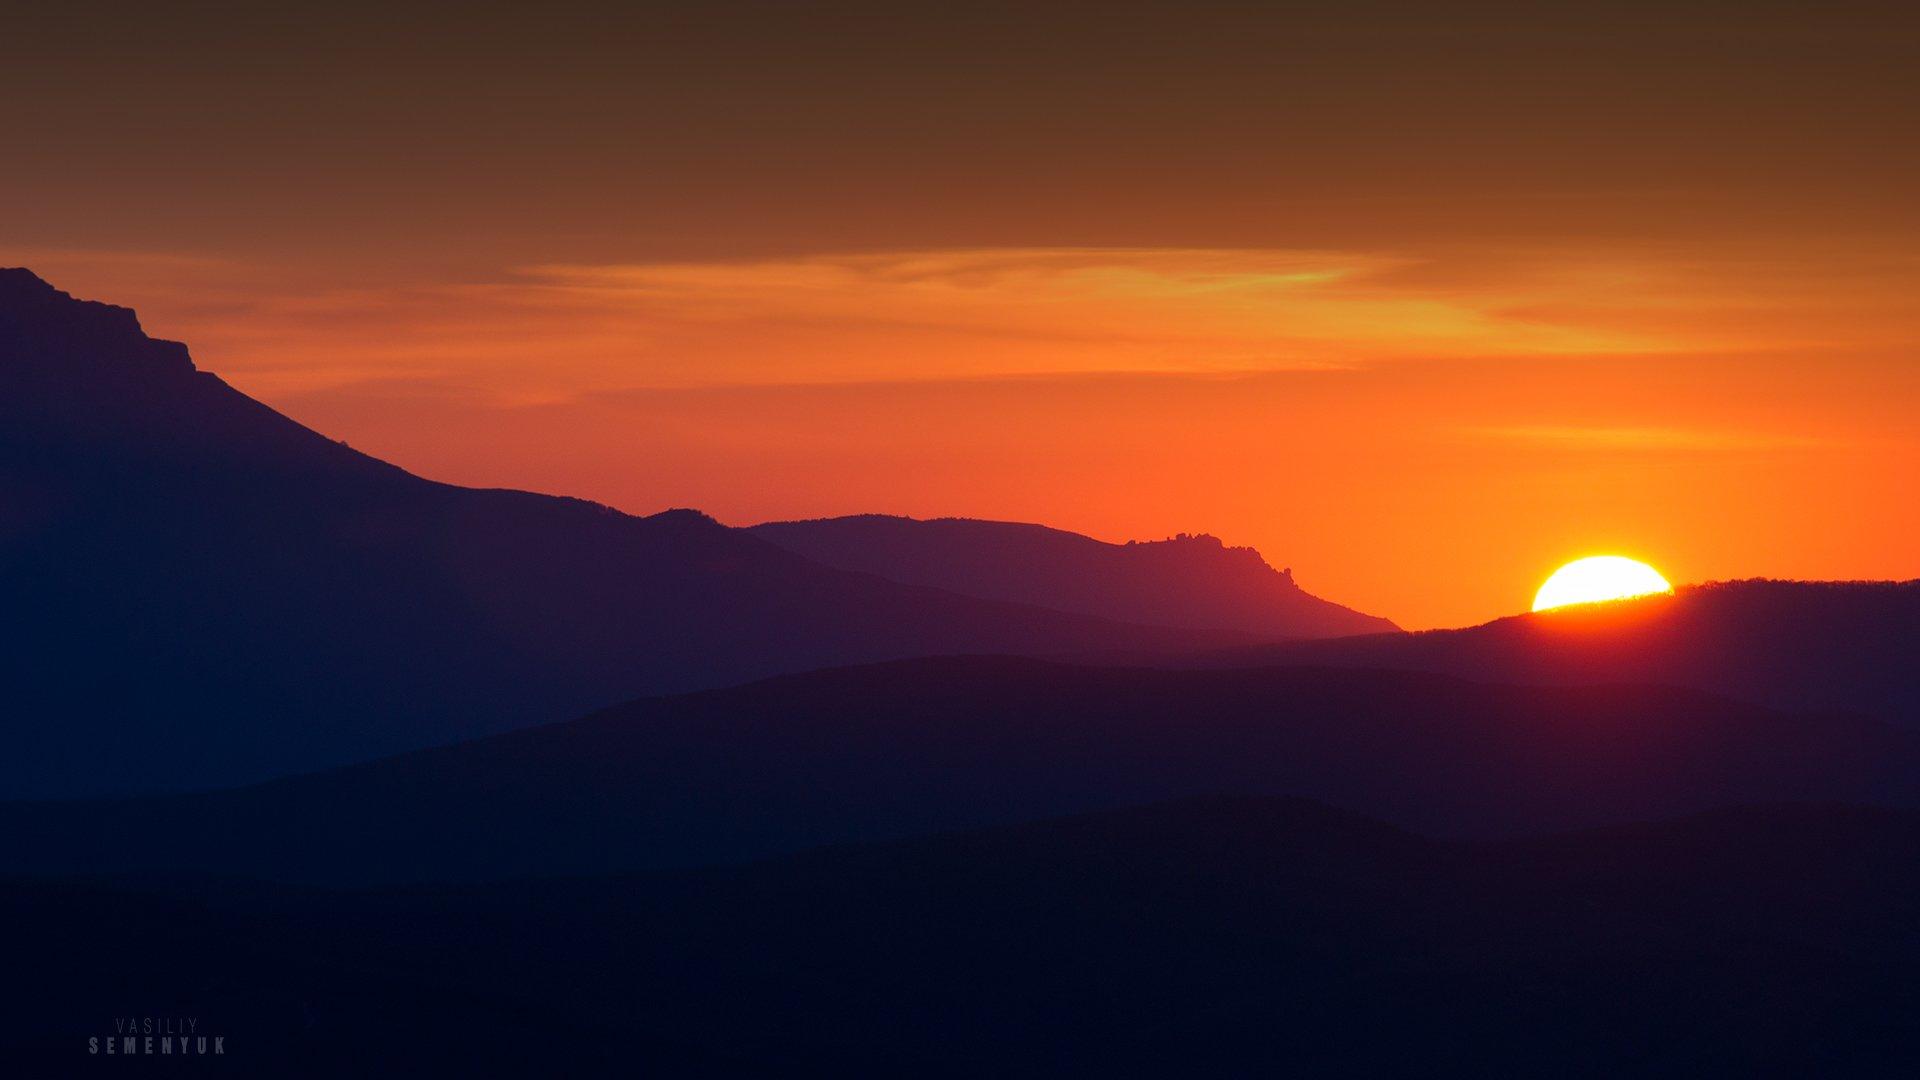 крым, горы, чатыр-даг, южная демерджи, рассвет, солнце, первые лучи, весна, landscape, dawn, mountaun, sun., Семенюк Василий